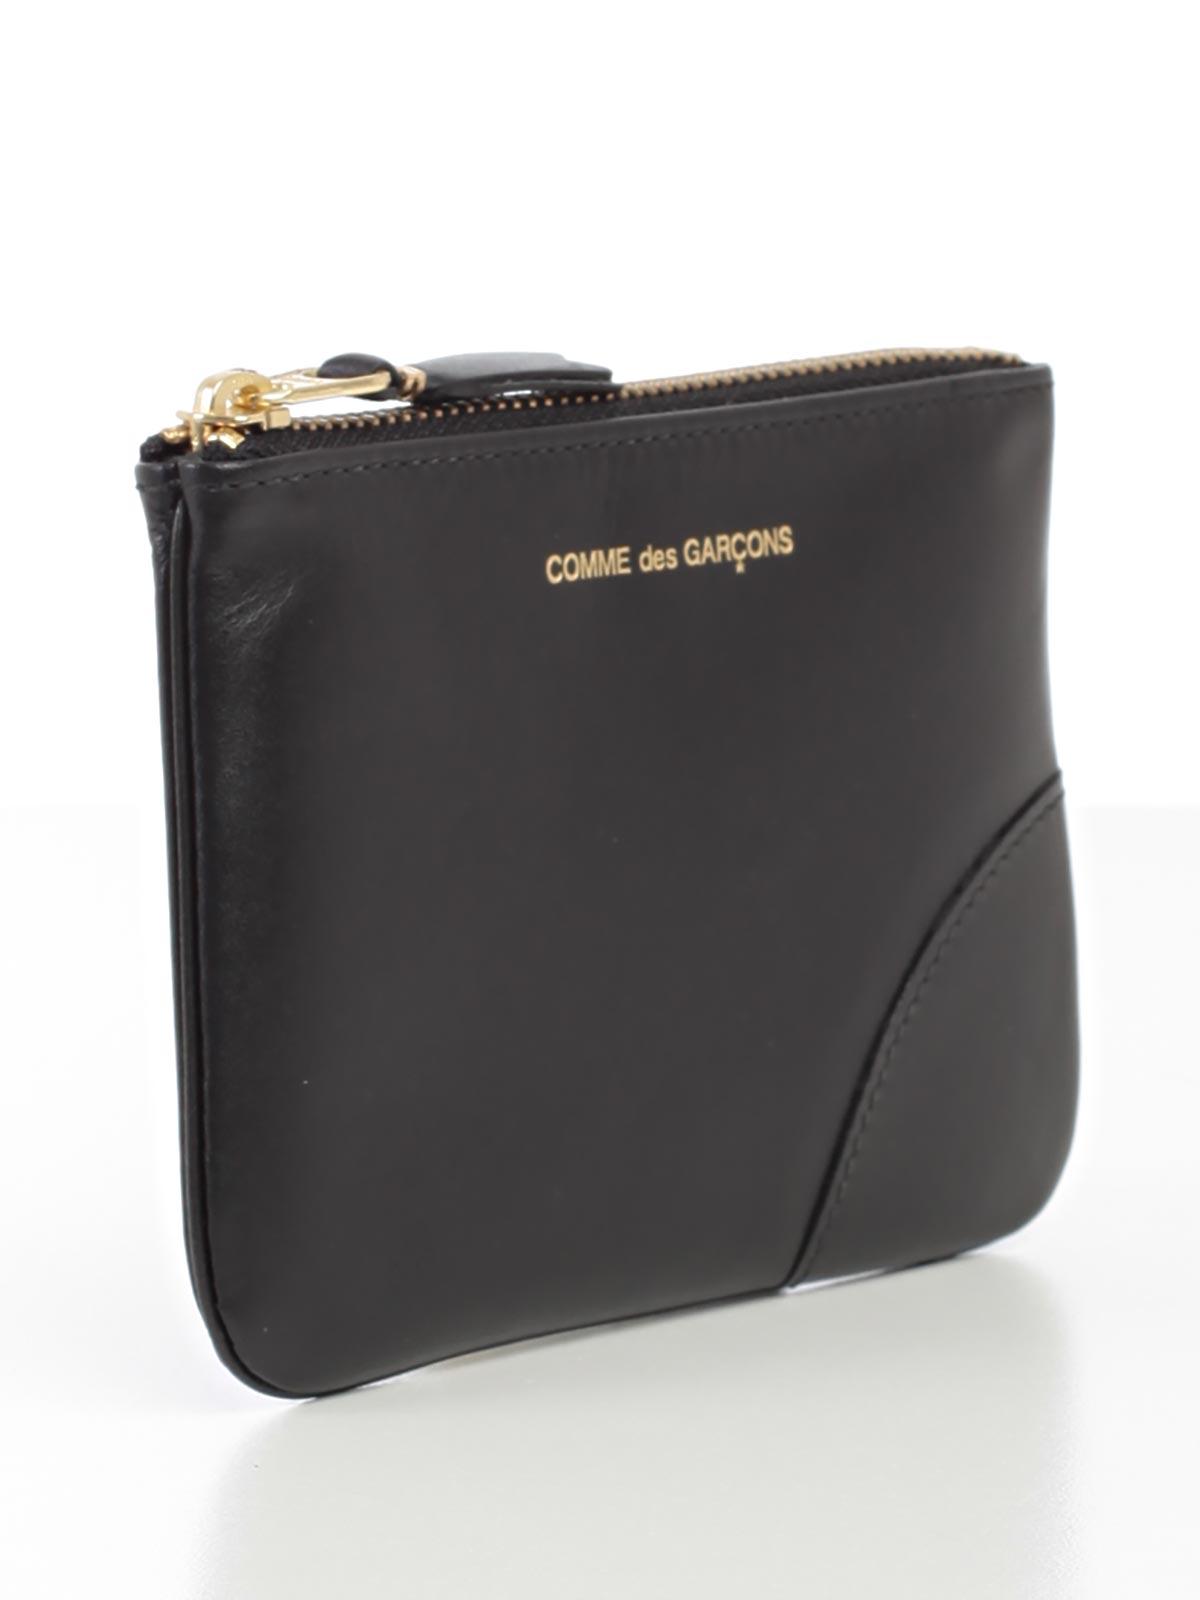 Comme Des Garcons Ssense | Commes Des Garcons Wallet | Cdg Wallet